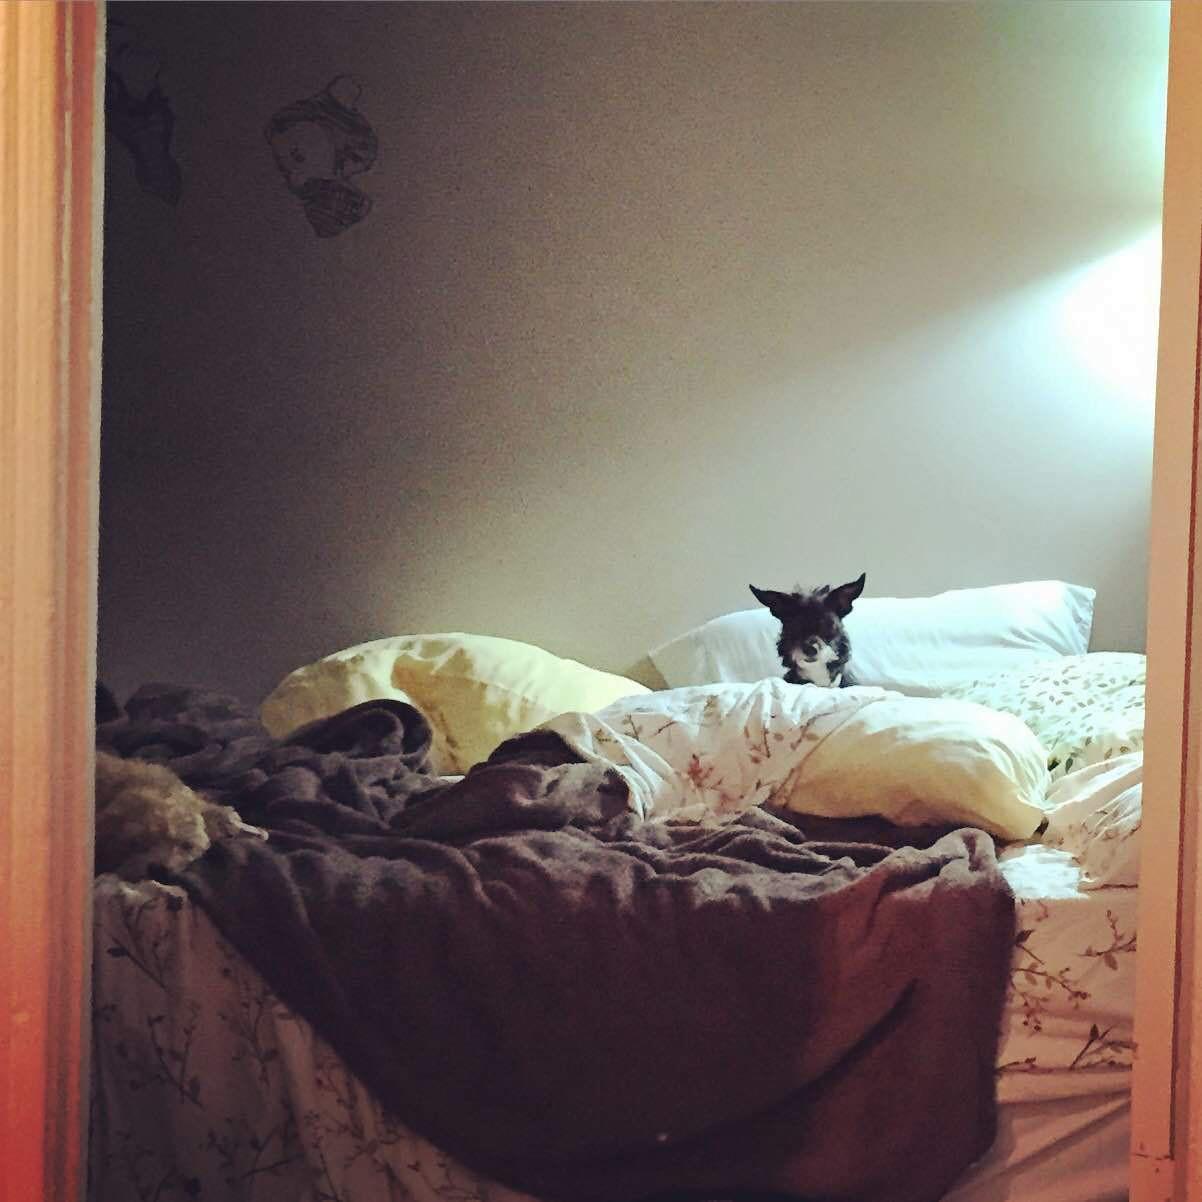 15 chú chó xấu tính chỉ thích độc chiếm một mình một giường mới chịu - Ảnh 27.